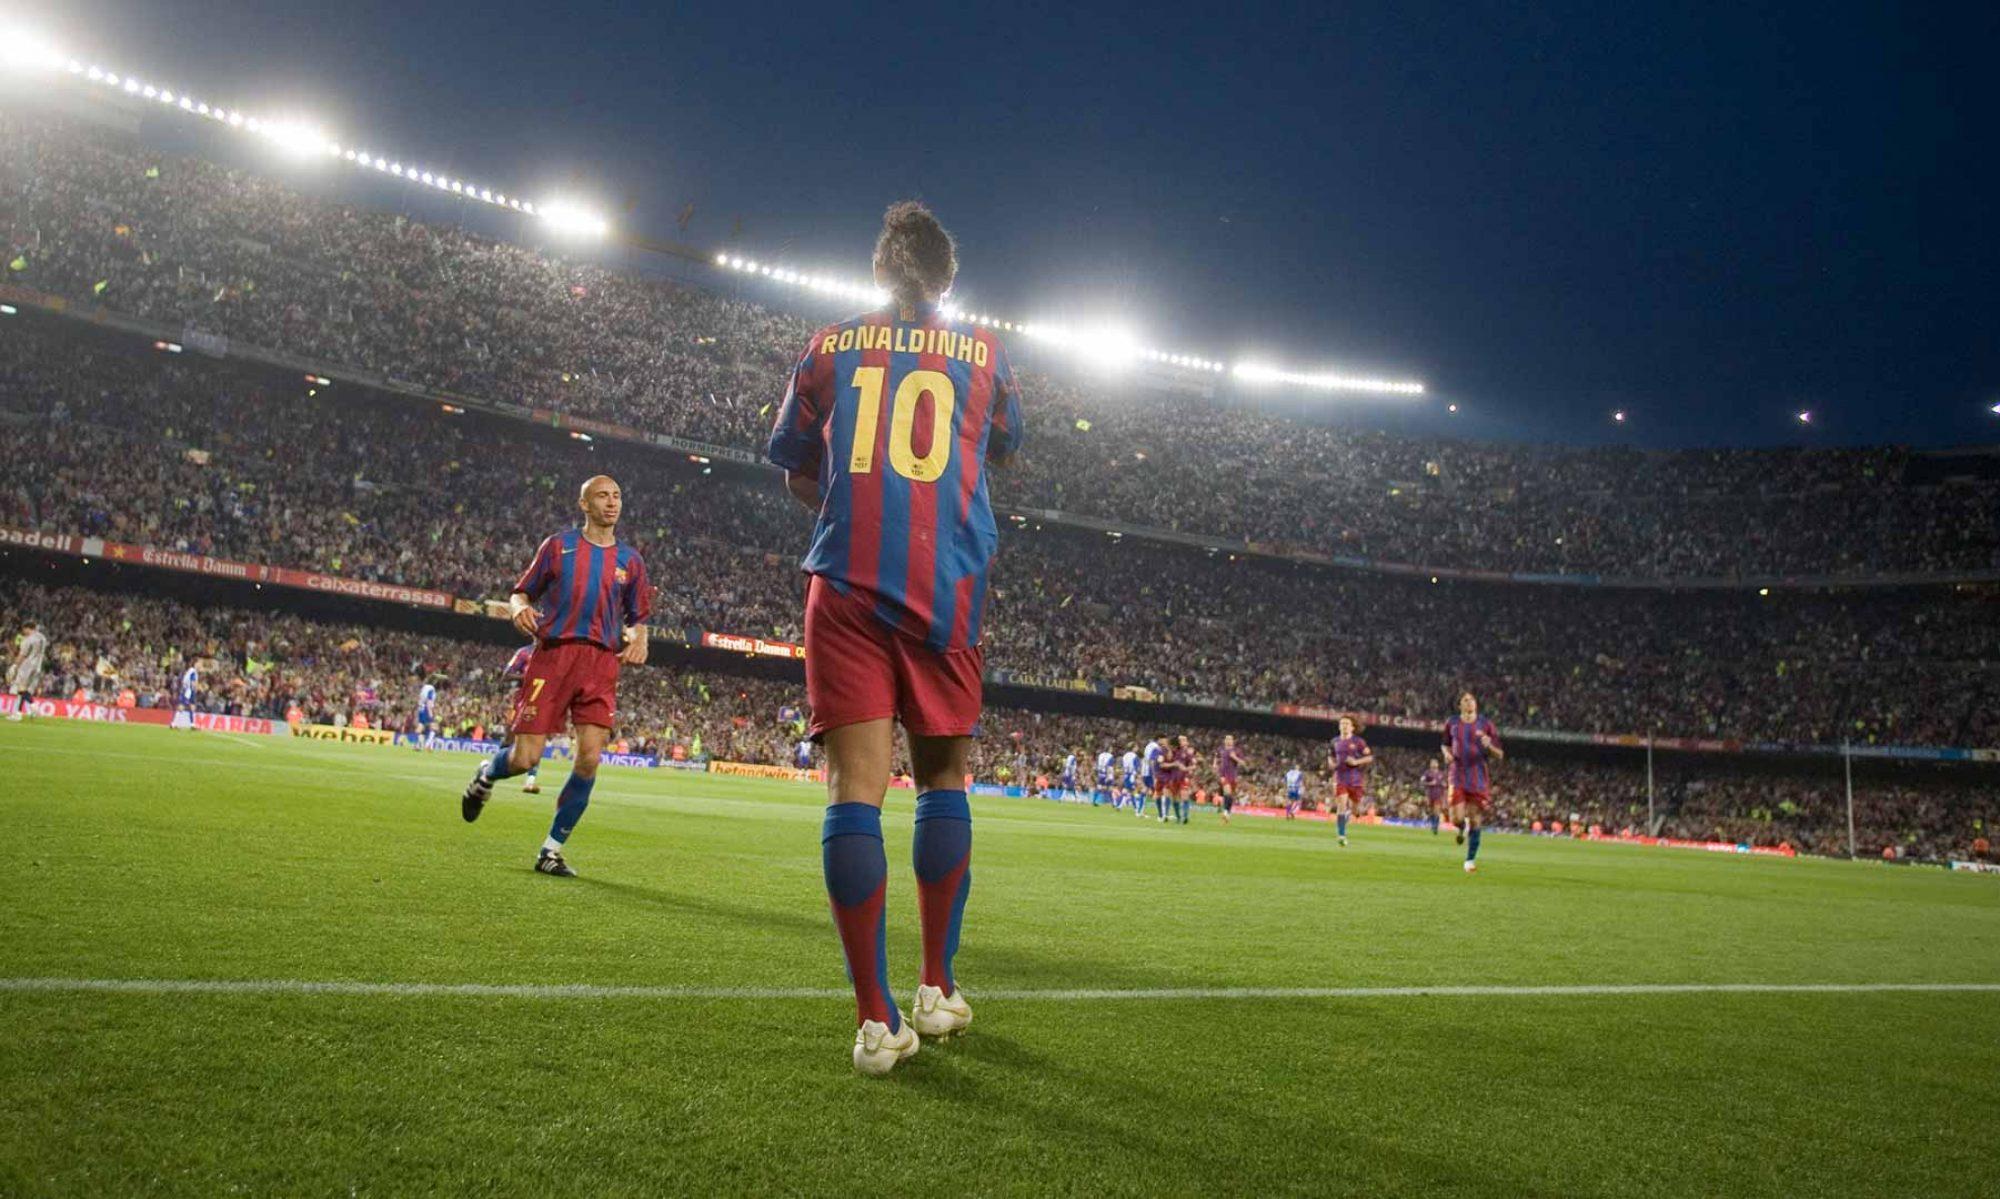 ronaldinho-soccer.com